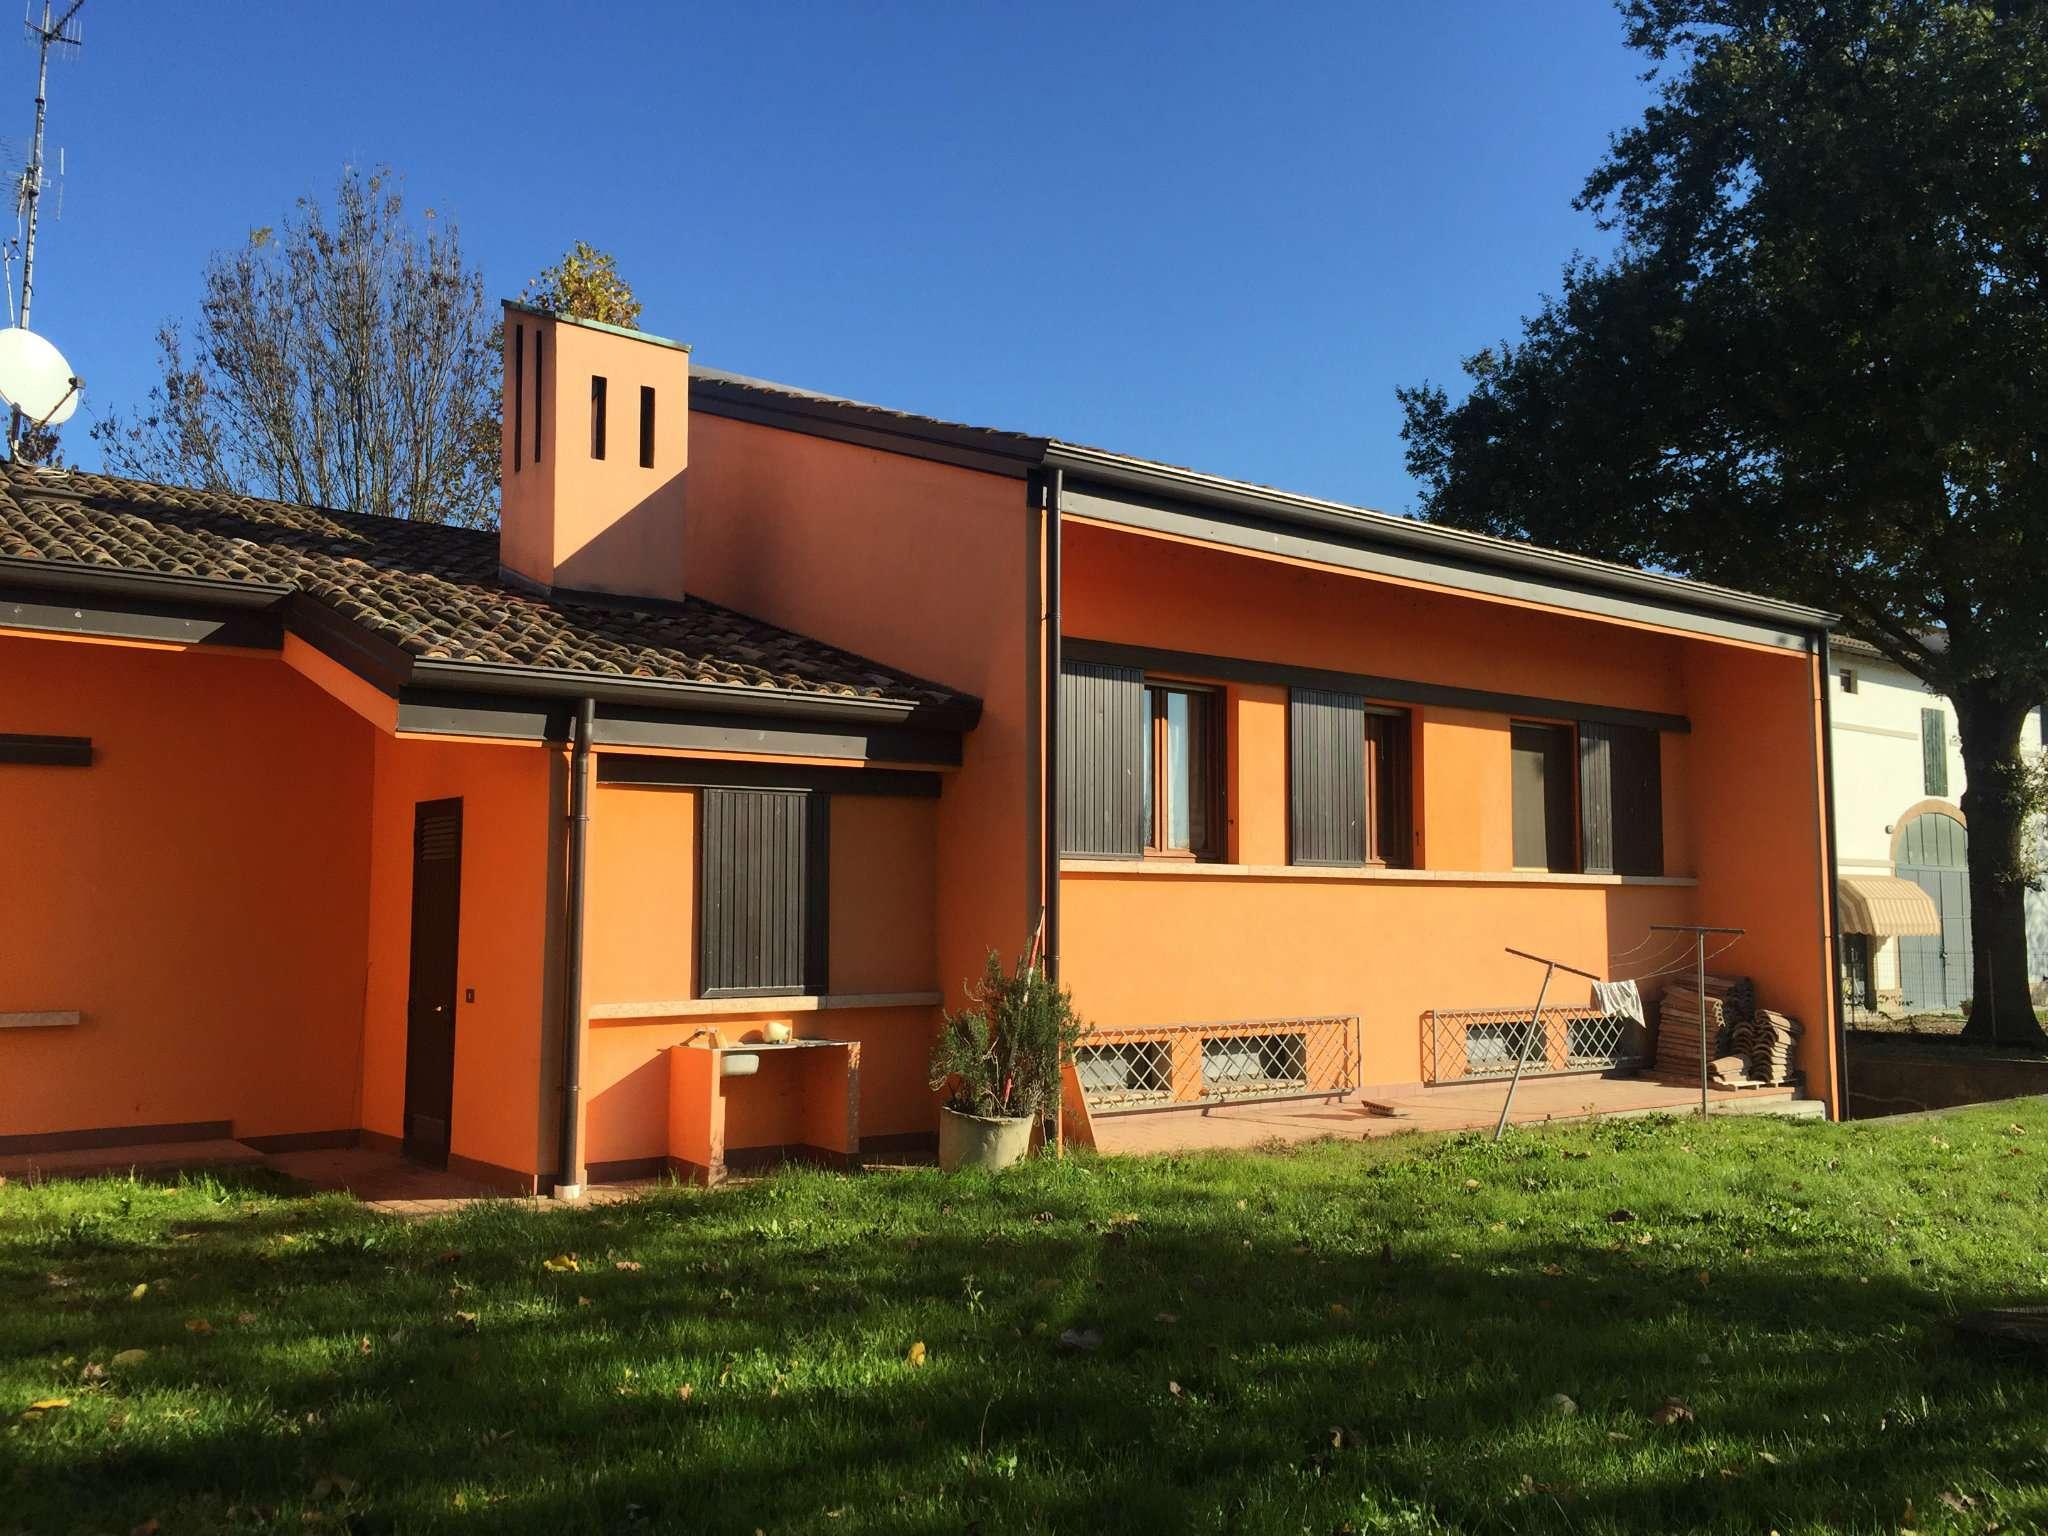 Villa in vendita a Poviglio, 5 locali, prezzo € 320.000 | CambioCasa.it